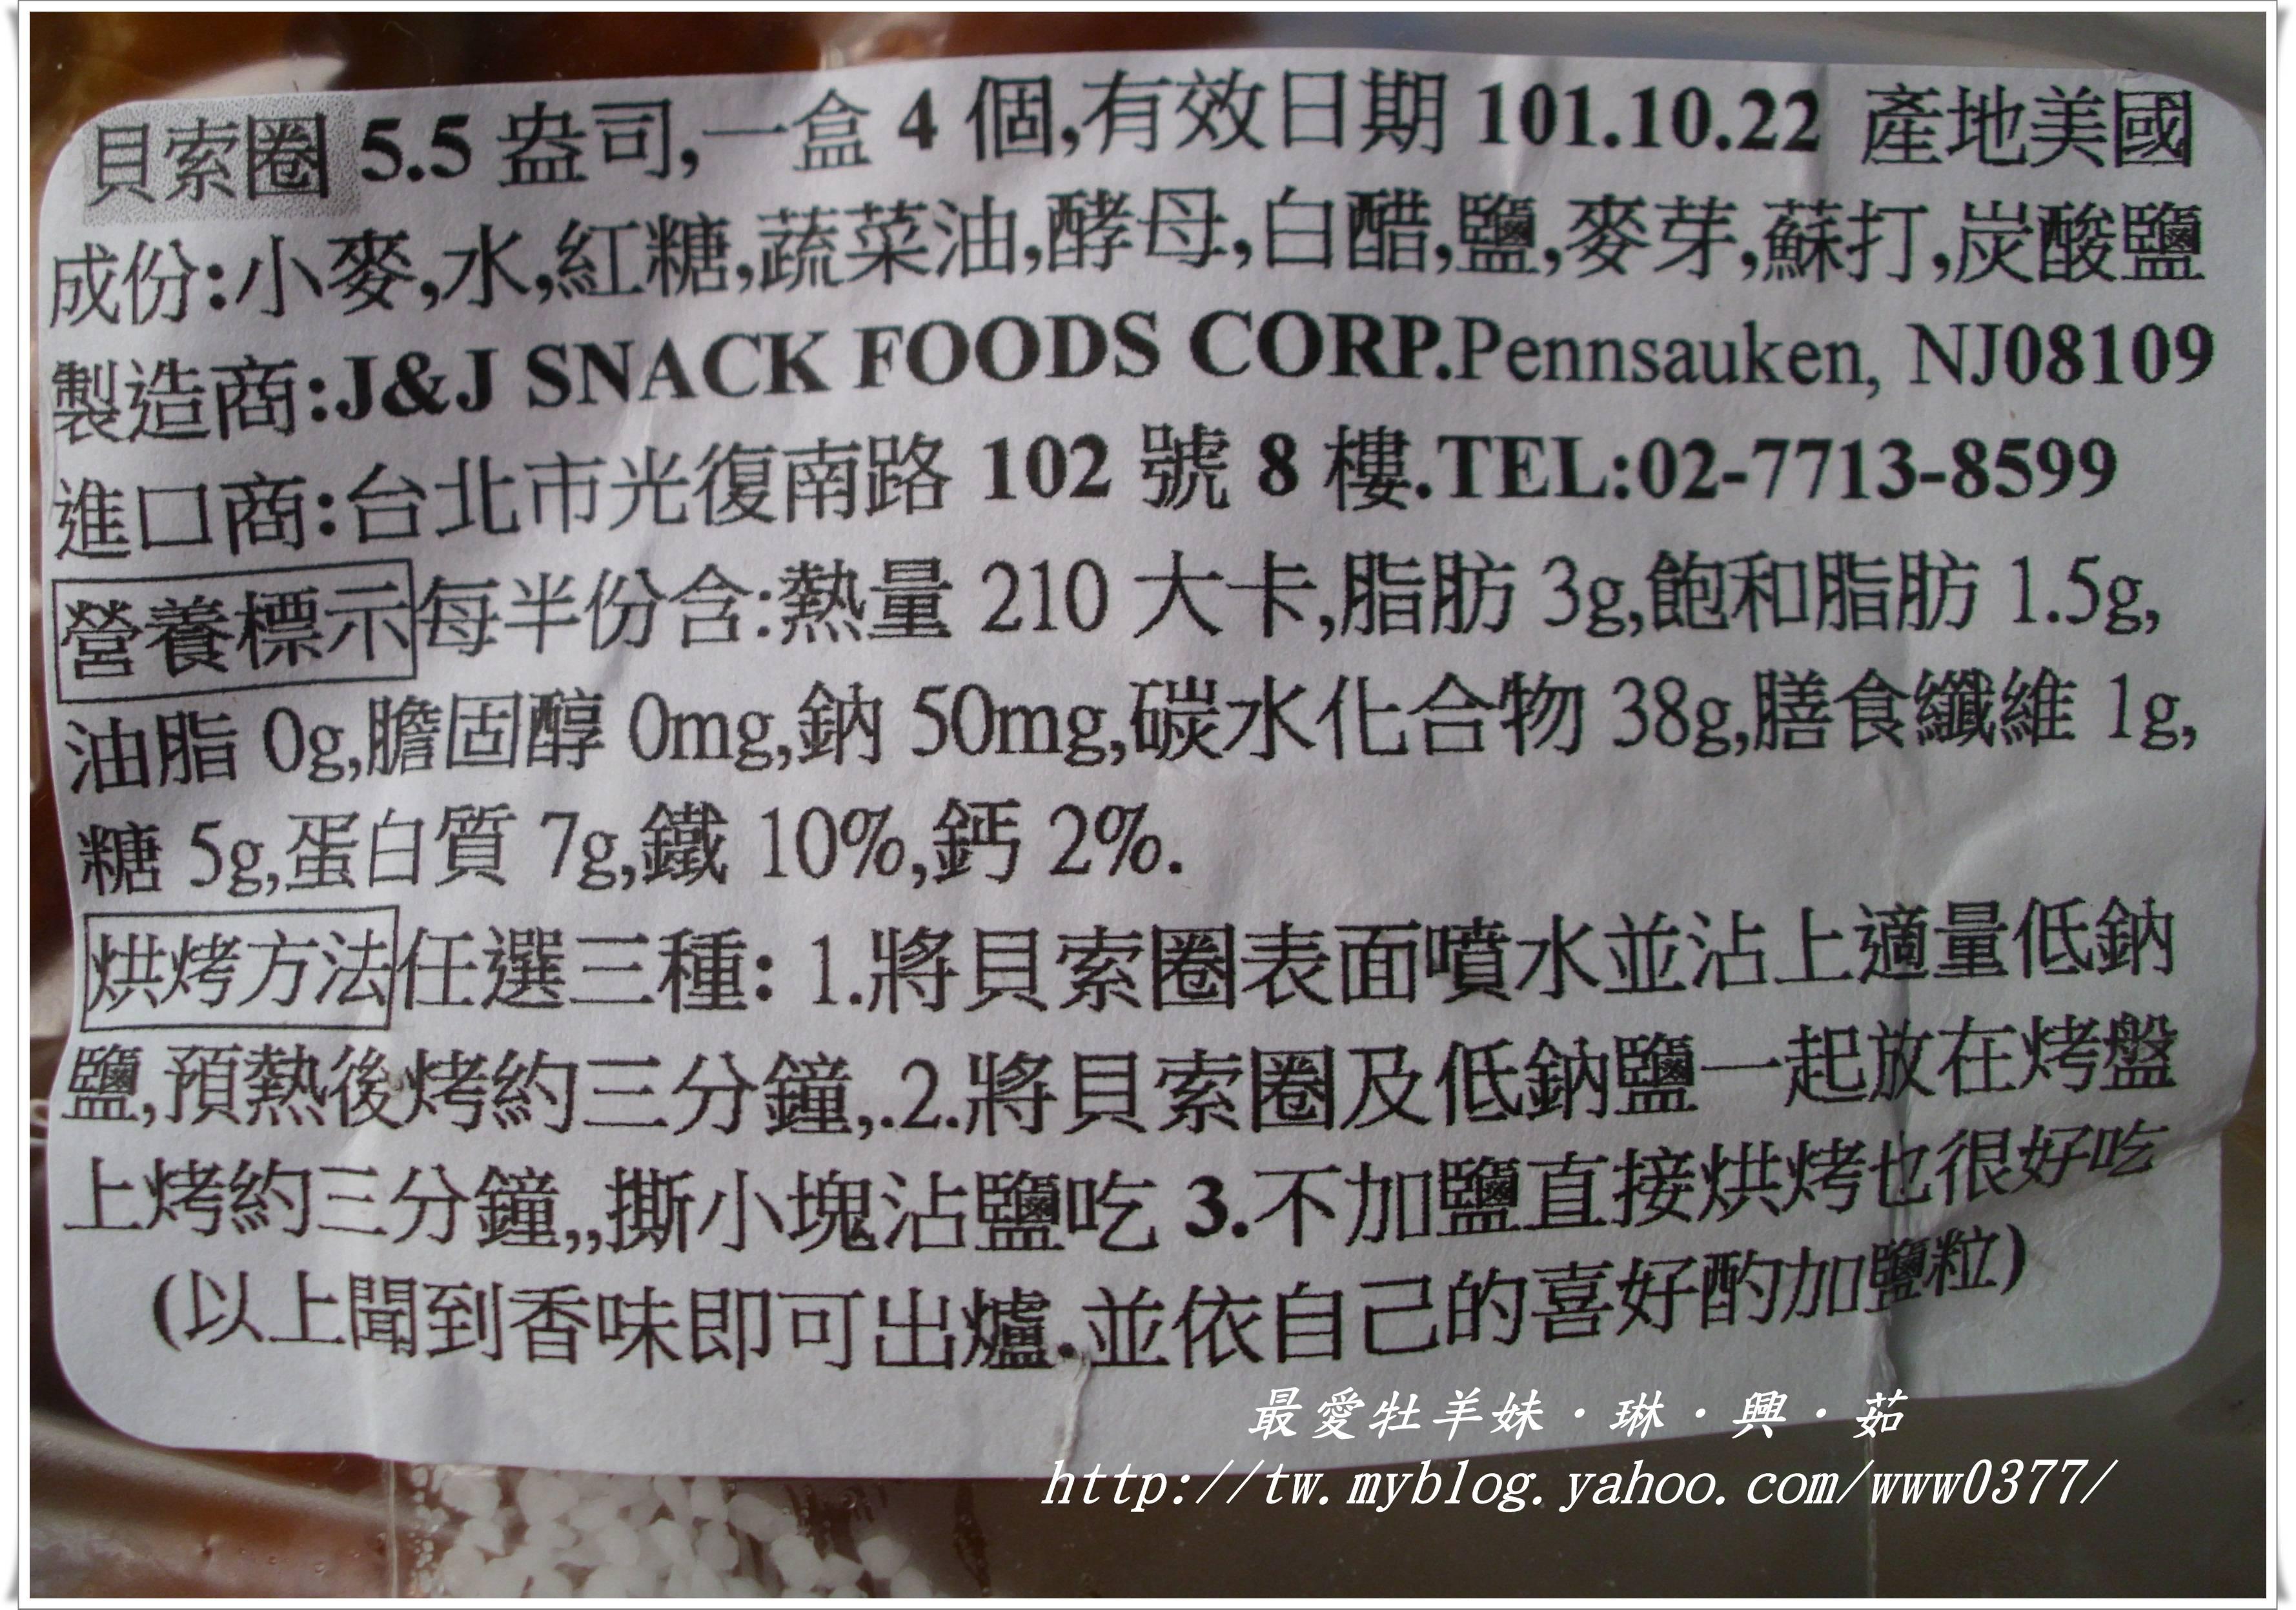 棒棒贝贝标志-品的成份,营养标示以及有效日期等-JANY 吃纽约 早餐必吃大忙人图片